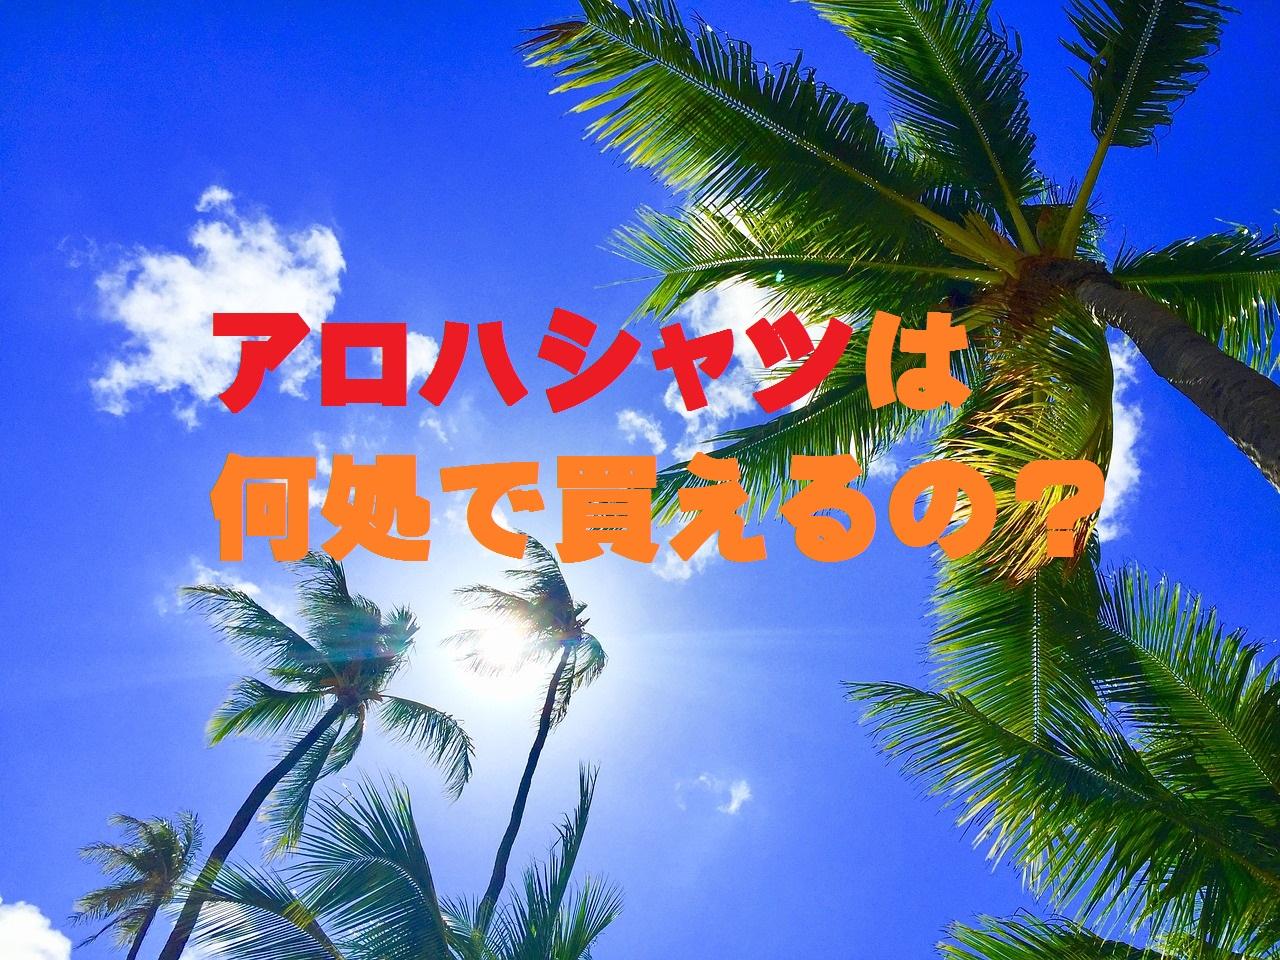 アロハシャツは何処で買えるの?の文字とヤシの木の背景